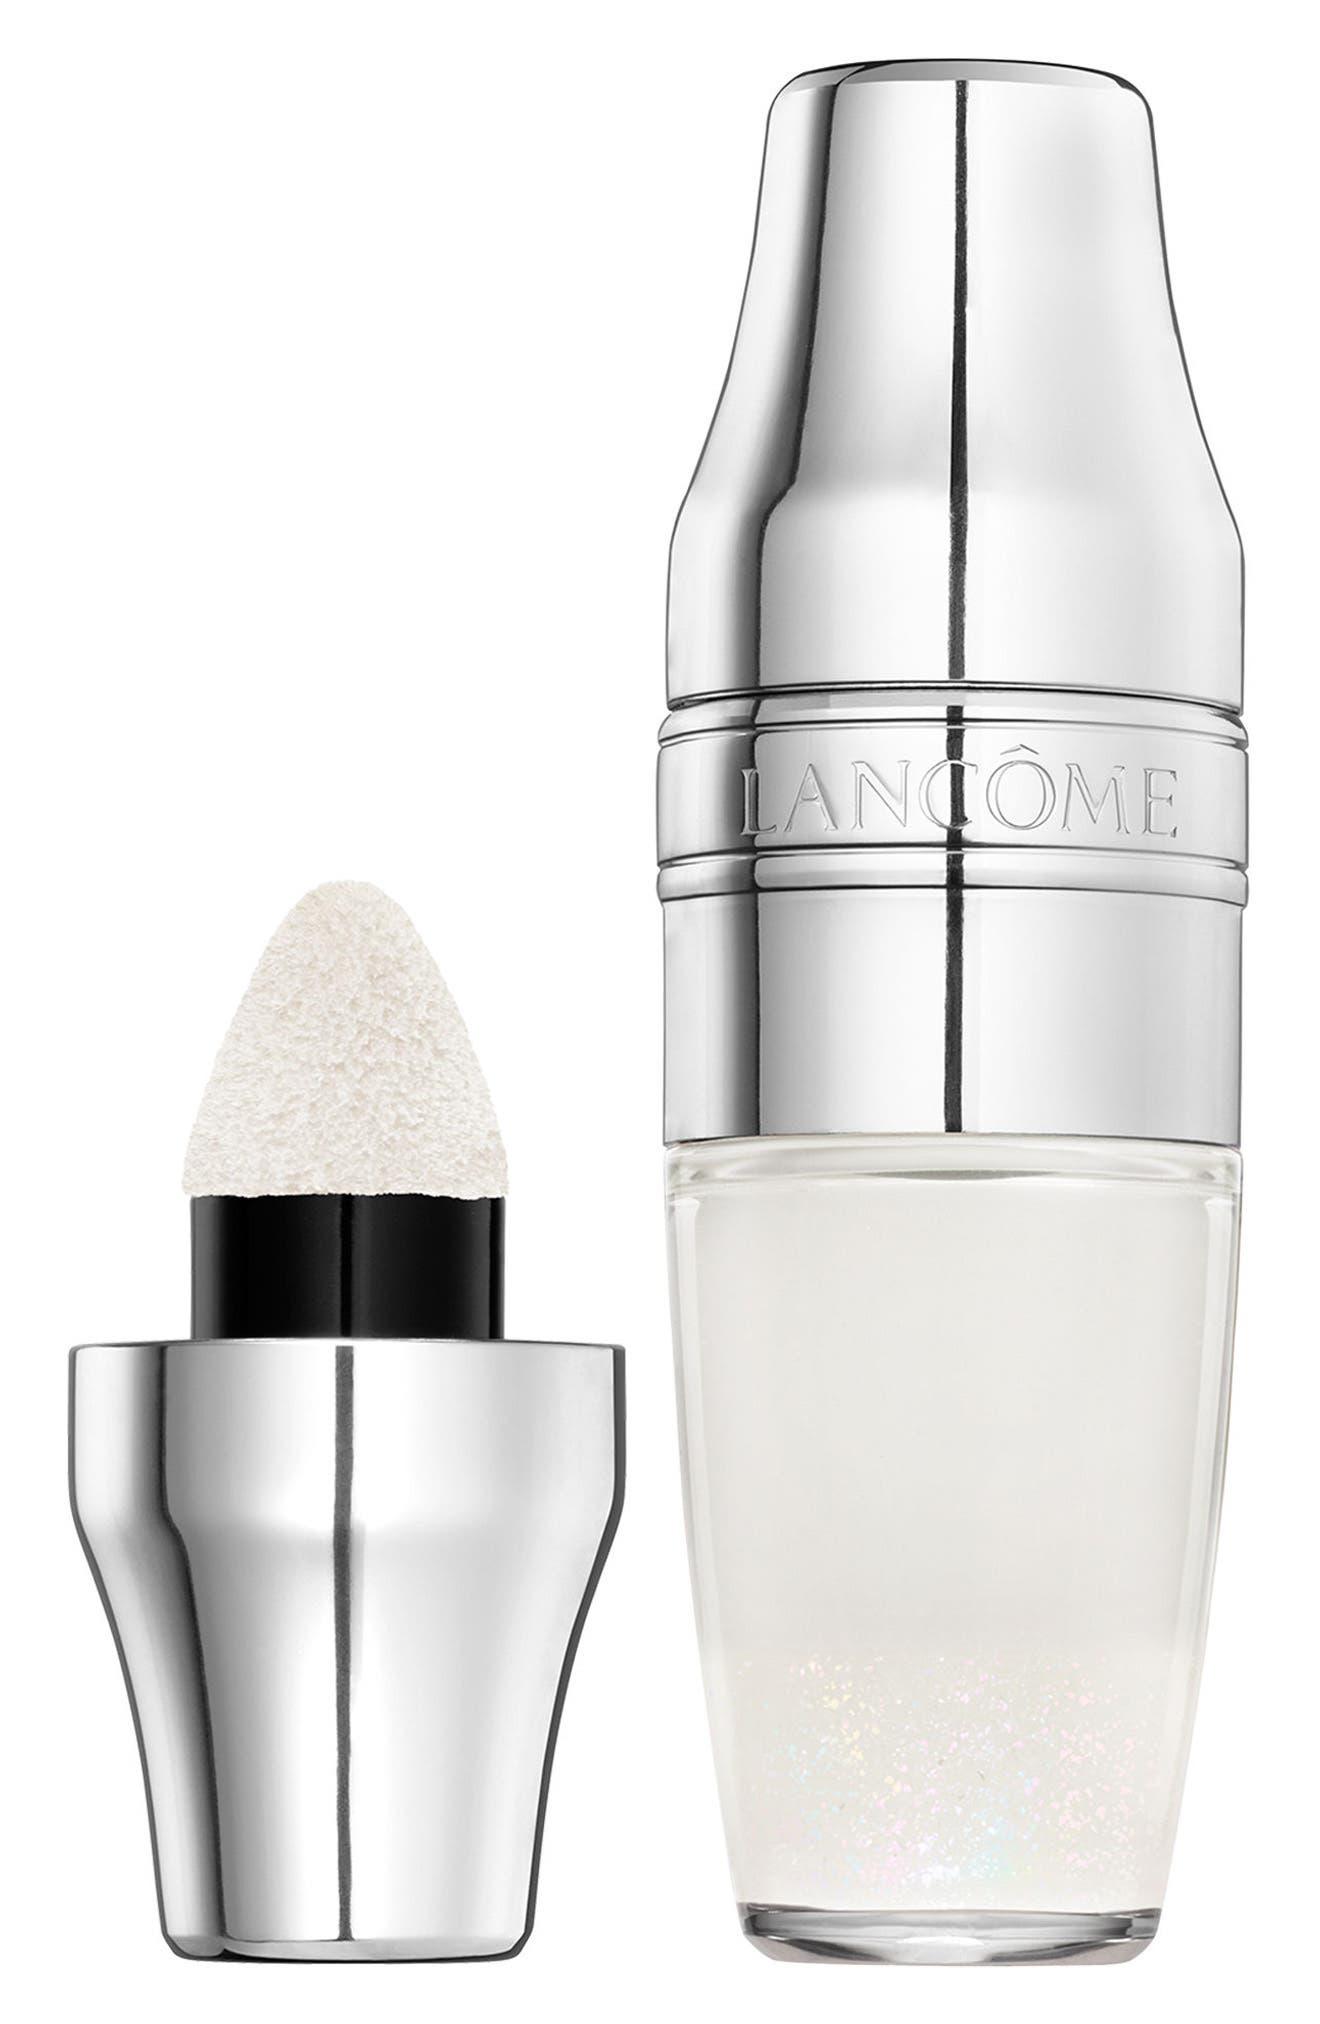 Lancôme Juicy Shaker Pigment Infused Bi-Phase Lip Oil